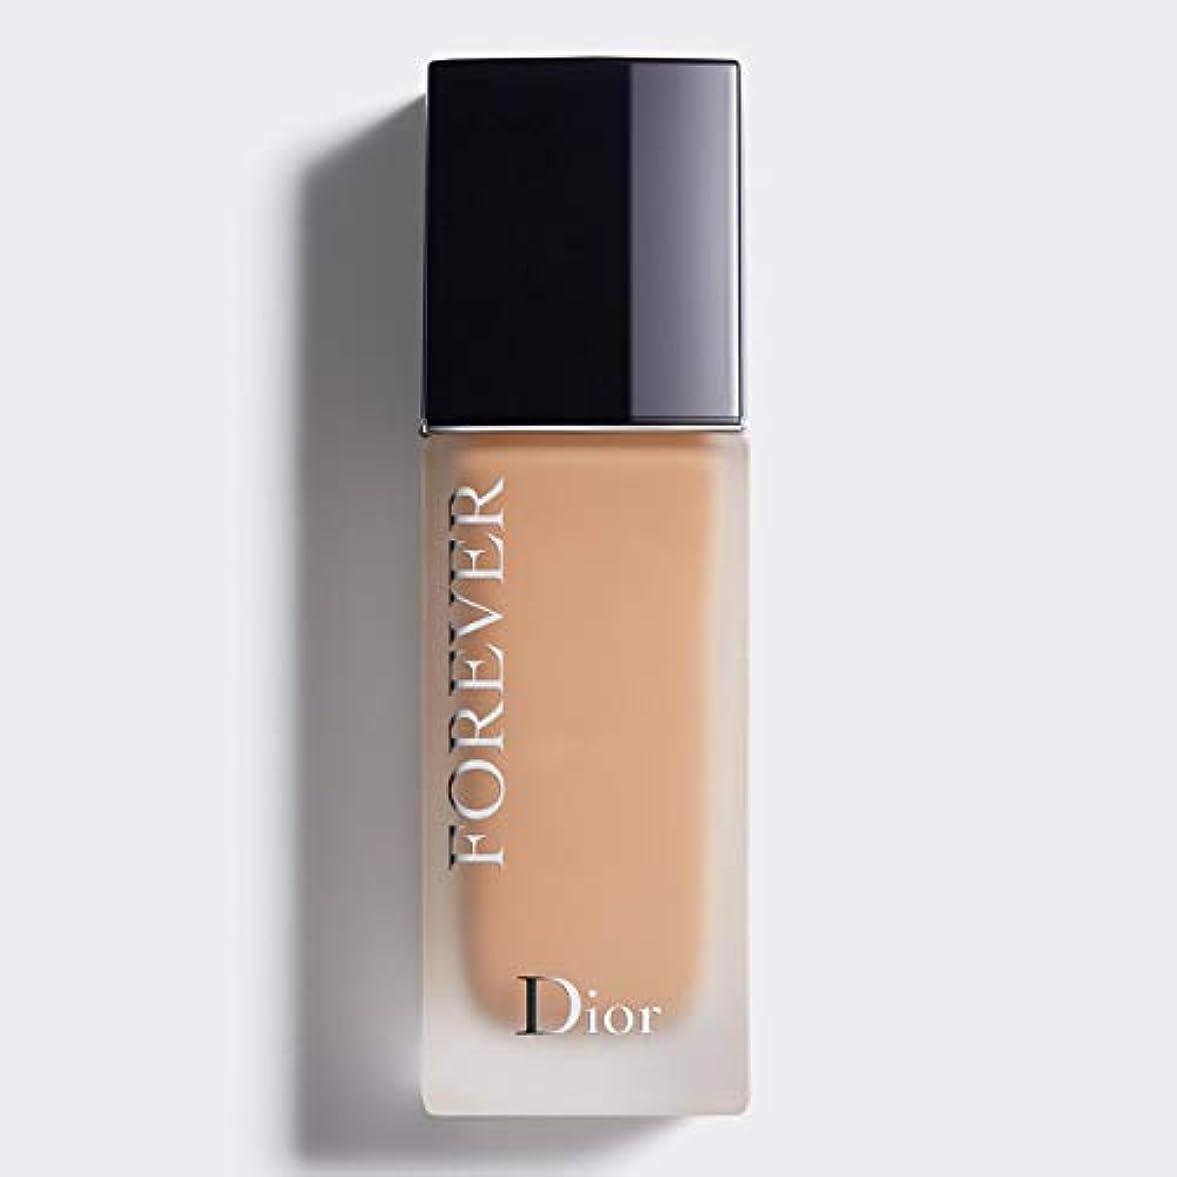 領事館株式勘違いするクリスチャンディオール Dior Forever 24H Wear High Perfection Foundation SPF 35 - # 3.5N (Neutral) 30ml/1oz並行輸入品